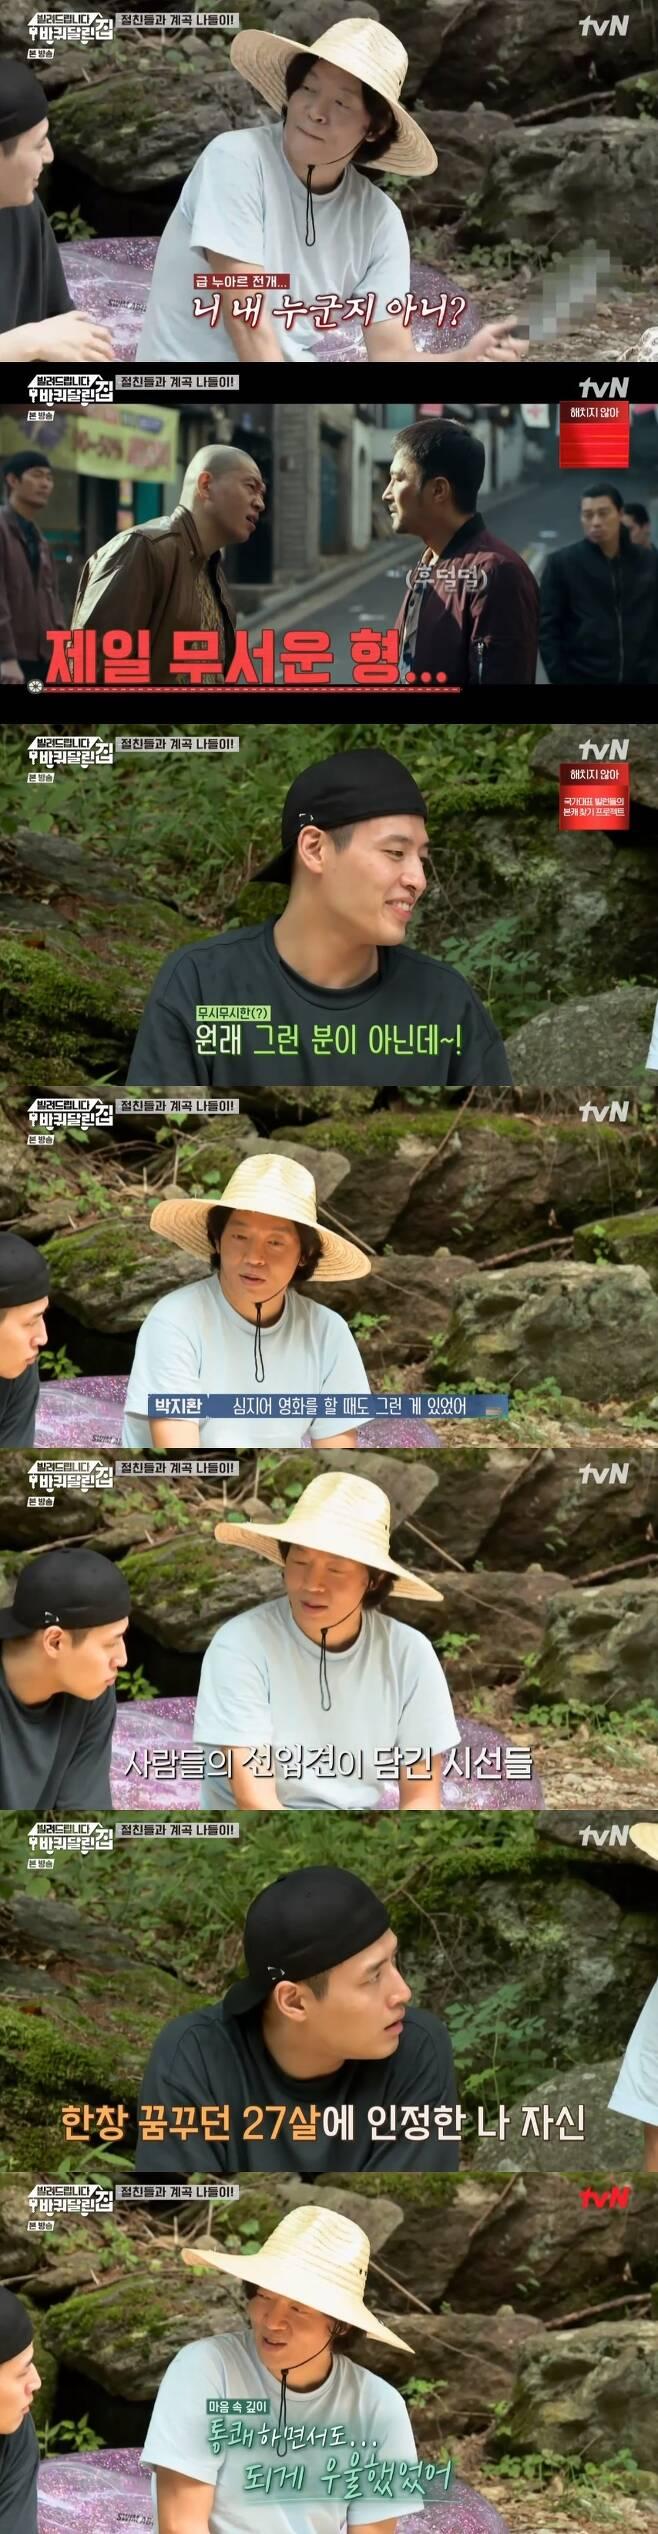 tvN '빌려드립니다 바퀴 달린 집' 캡처 © 뉴스1